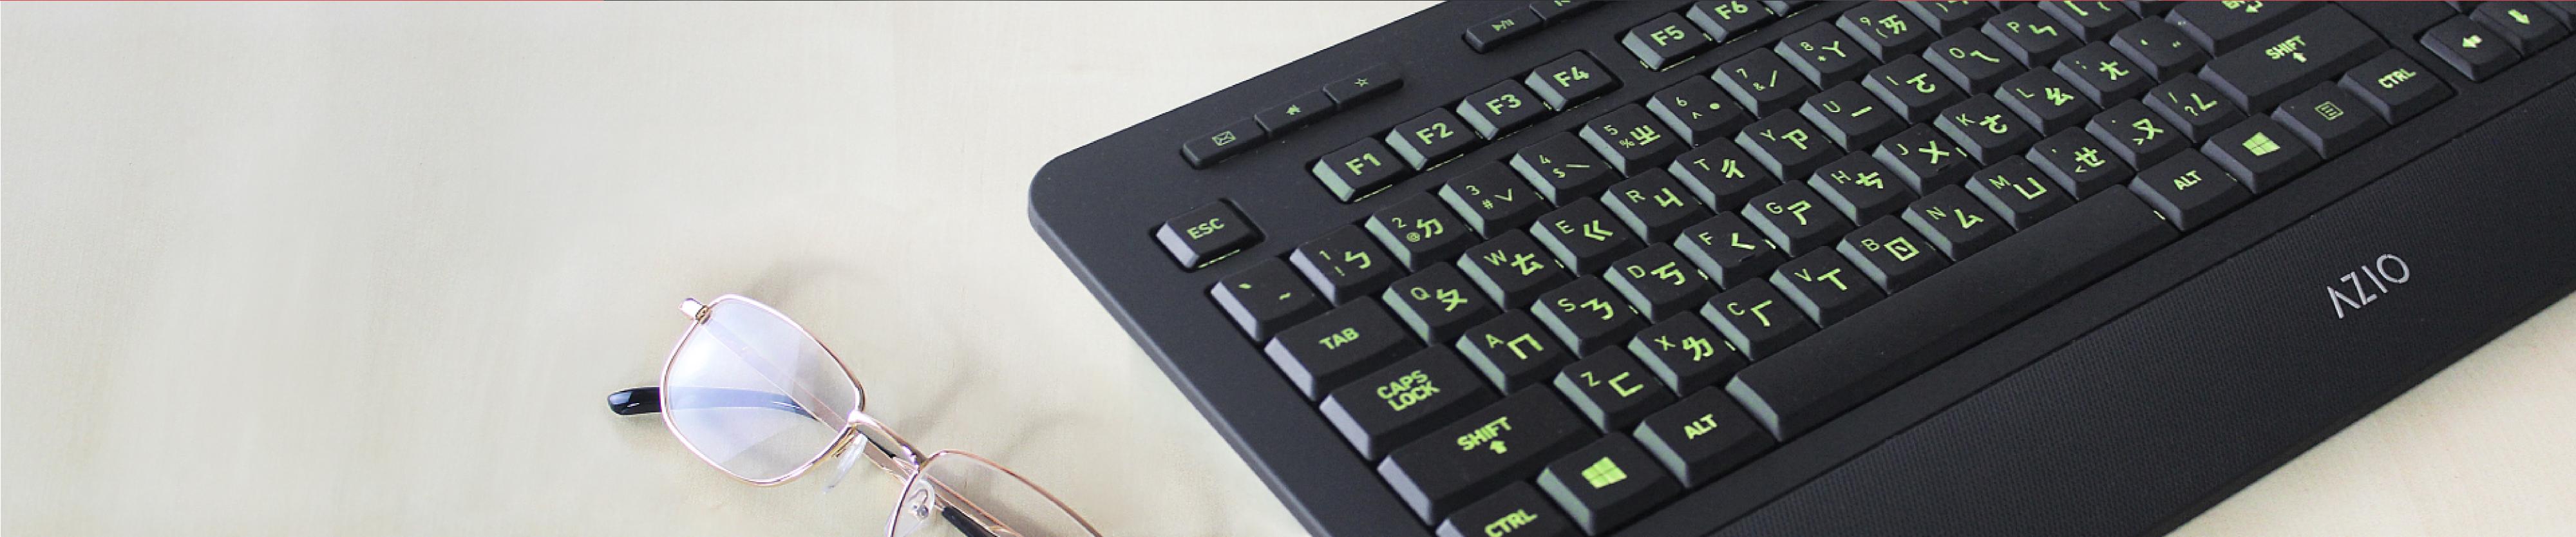 電競週邊-機械式鍵盤